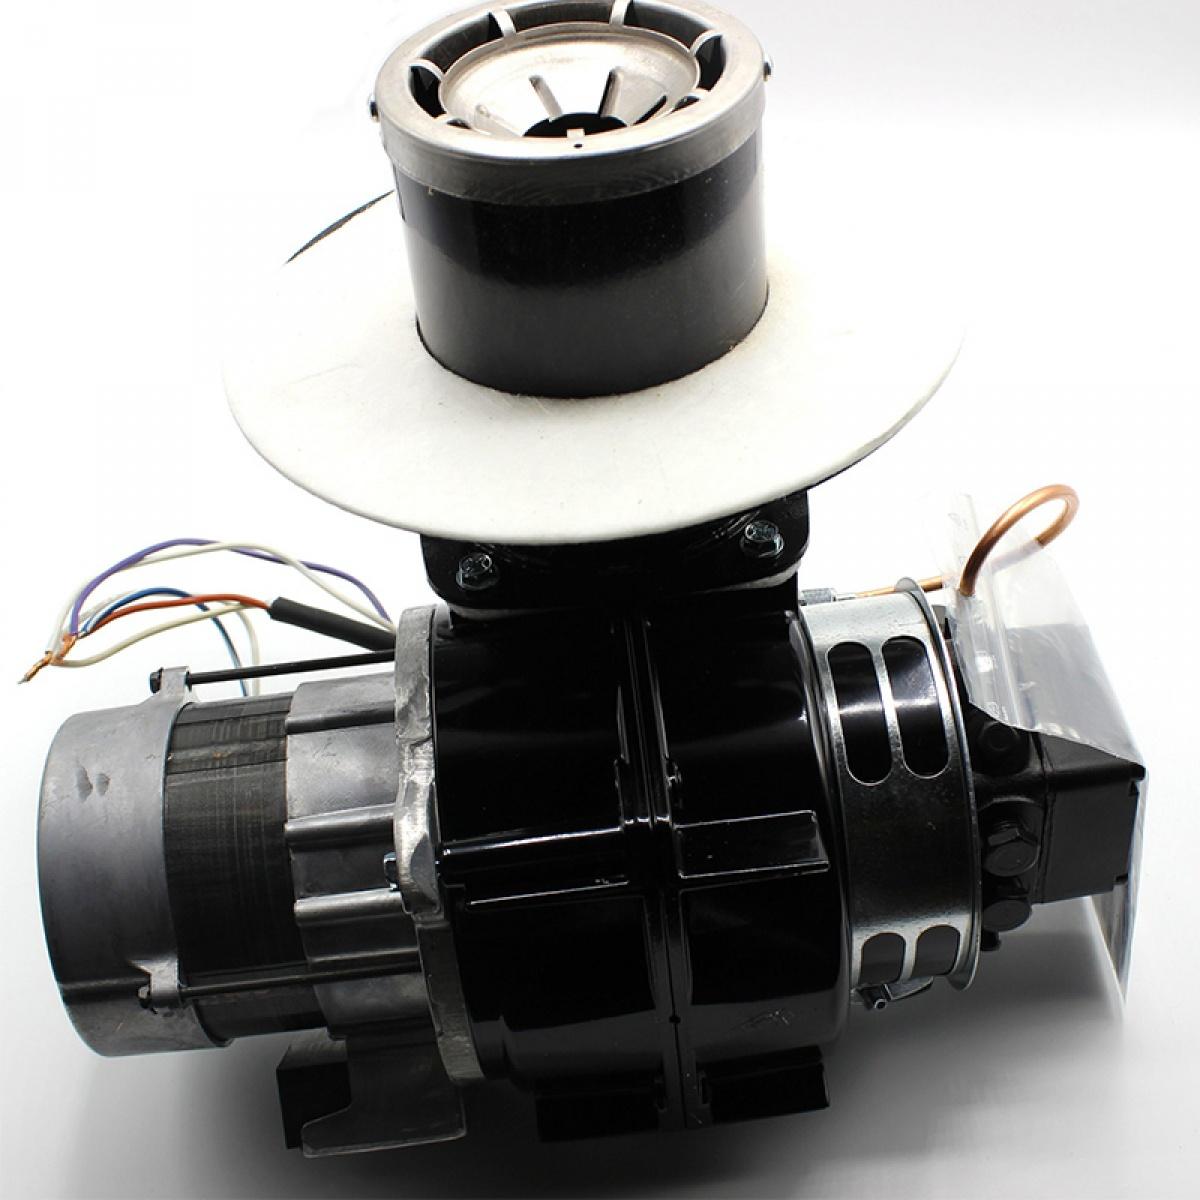 Oil Burner. 115/230v, Afg/120 Vac